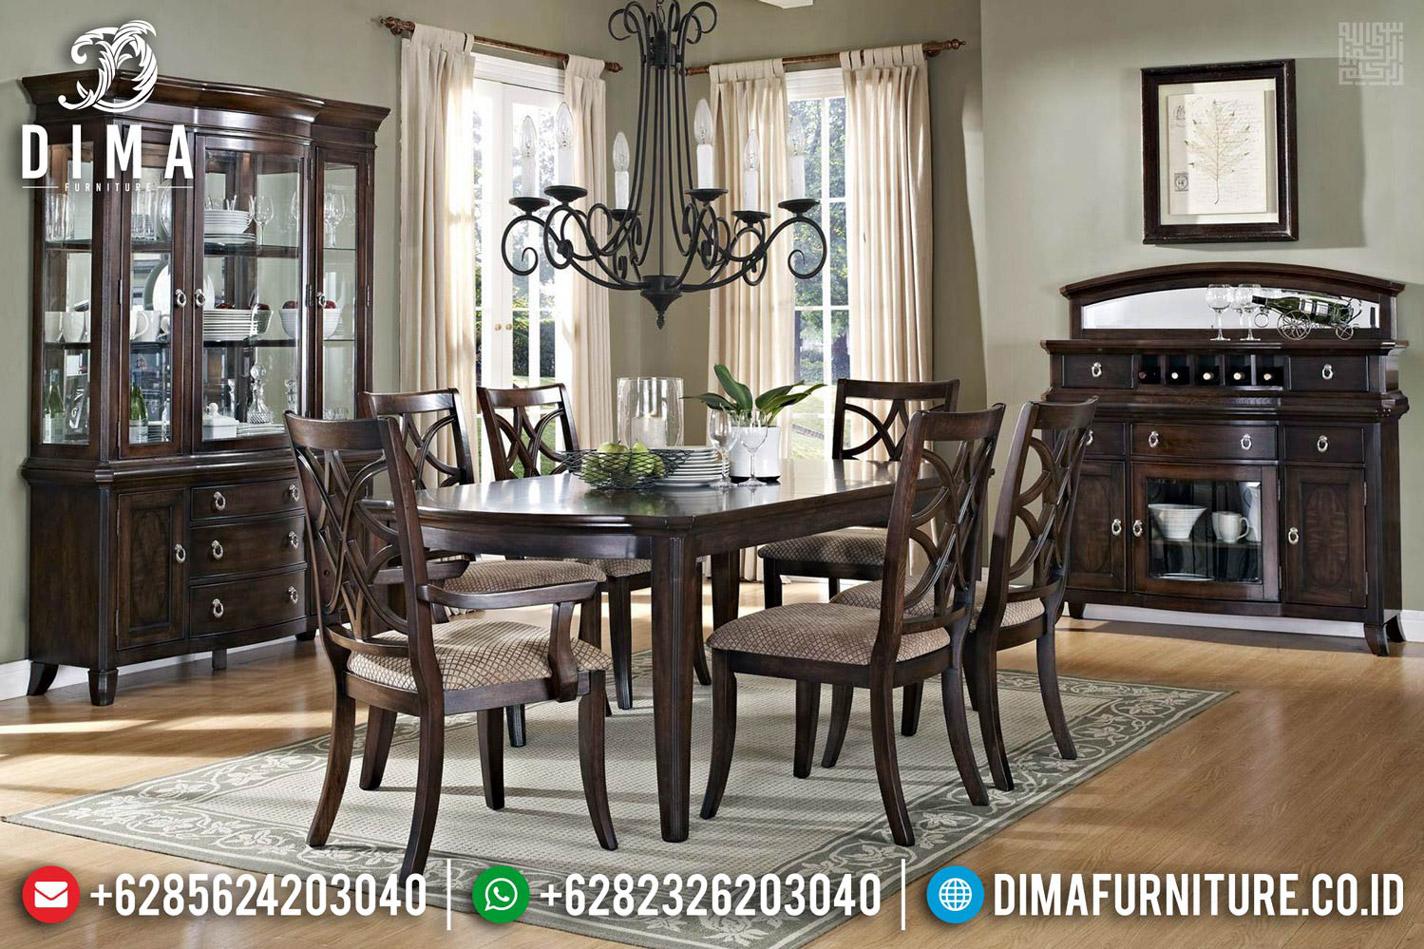 Desain Meja Makan Klasik Minimalis Luxury Carving Natural MMJ-0544